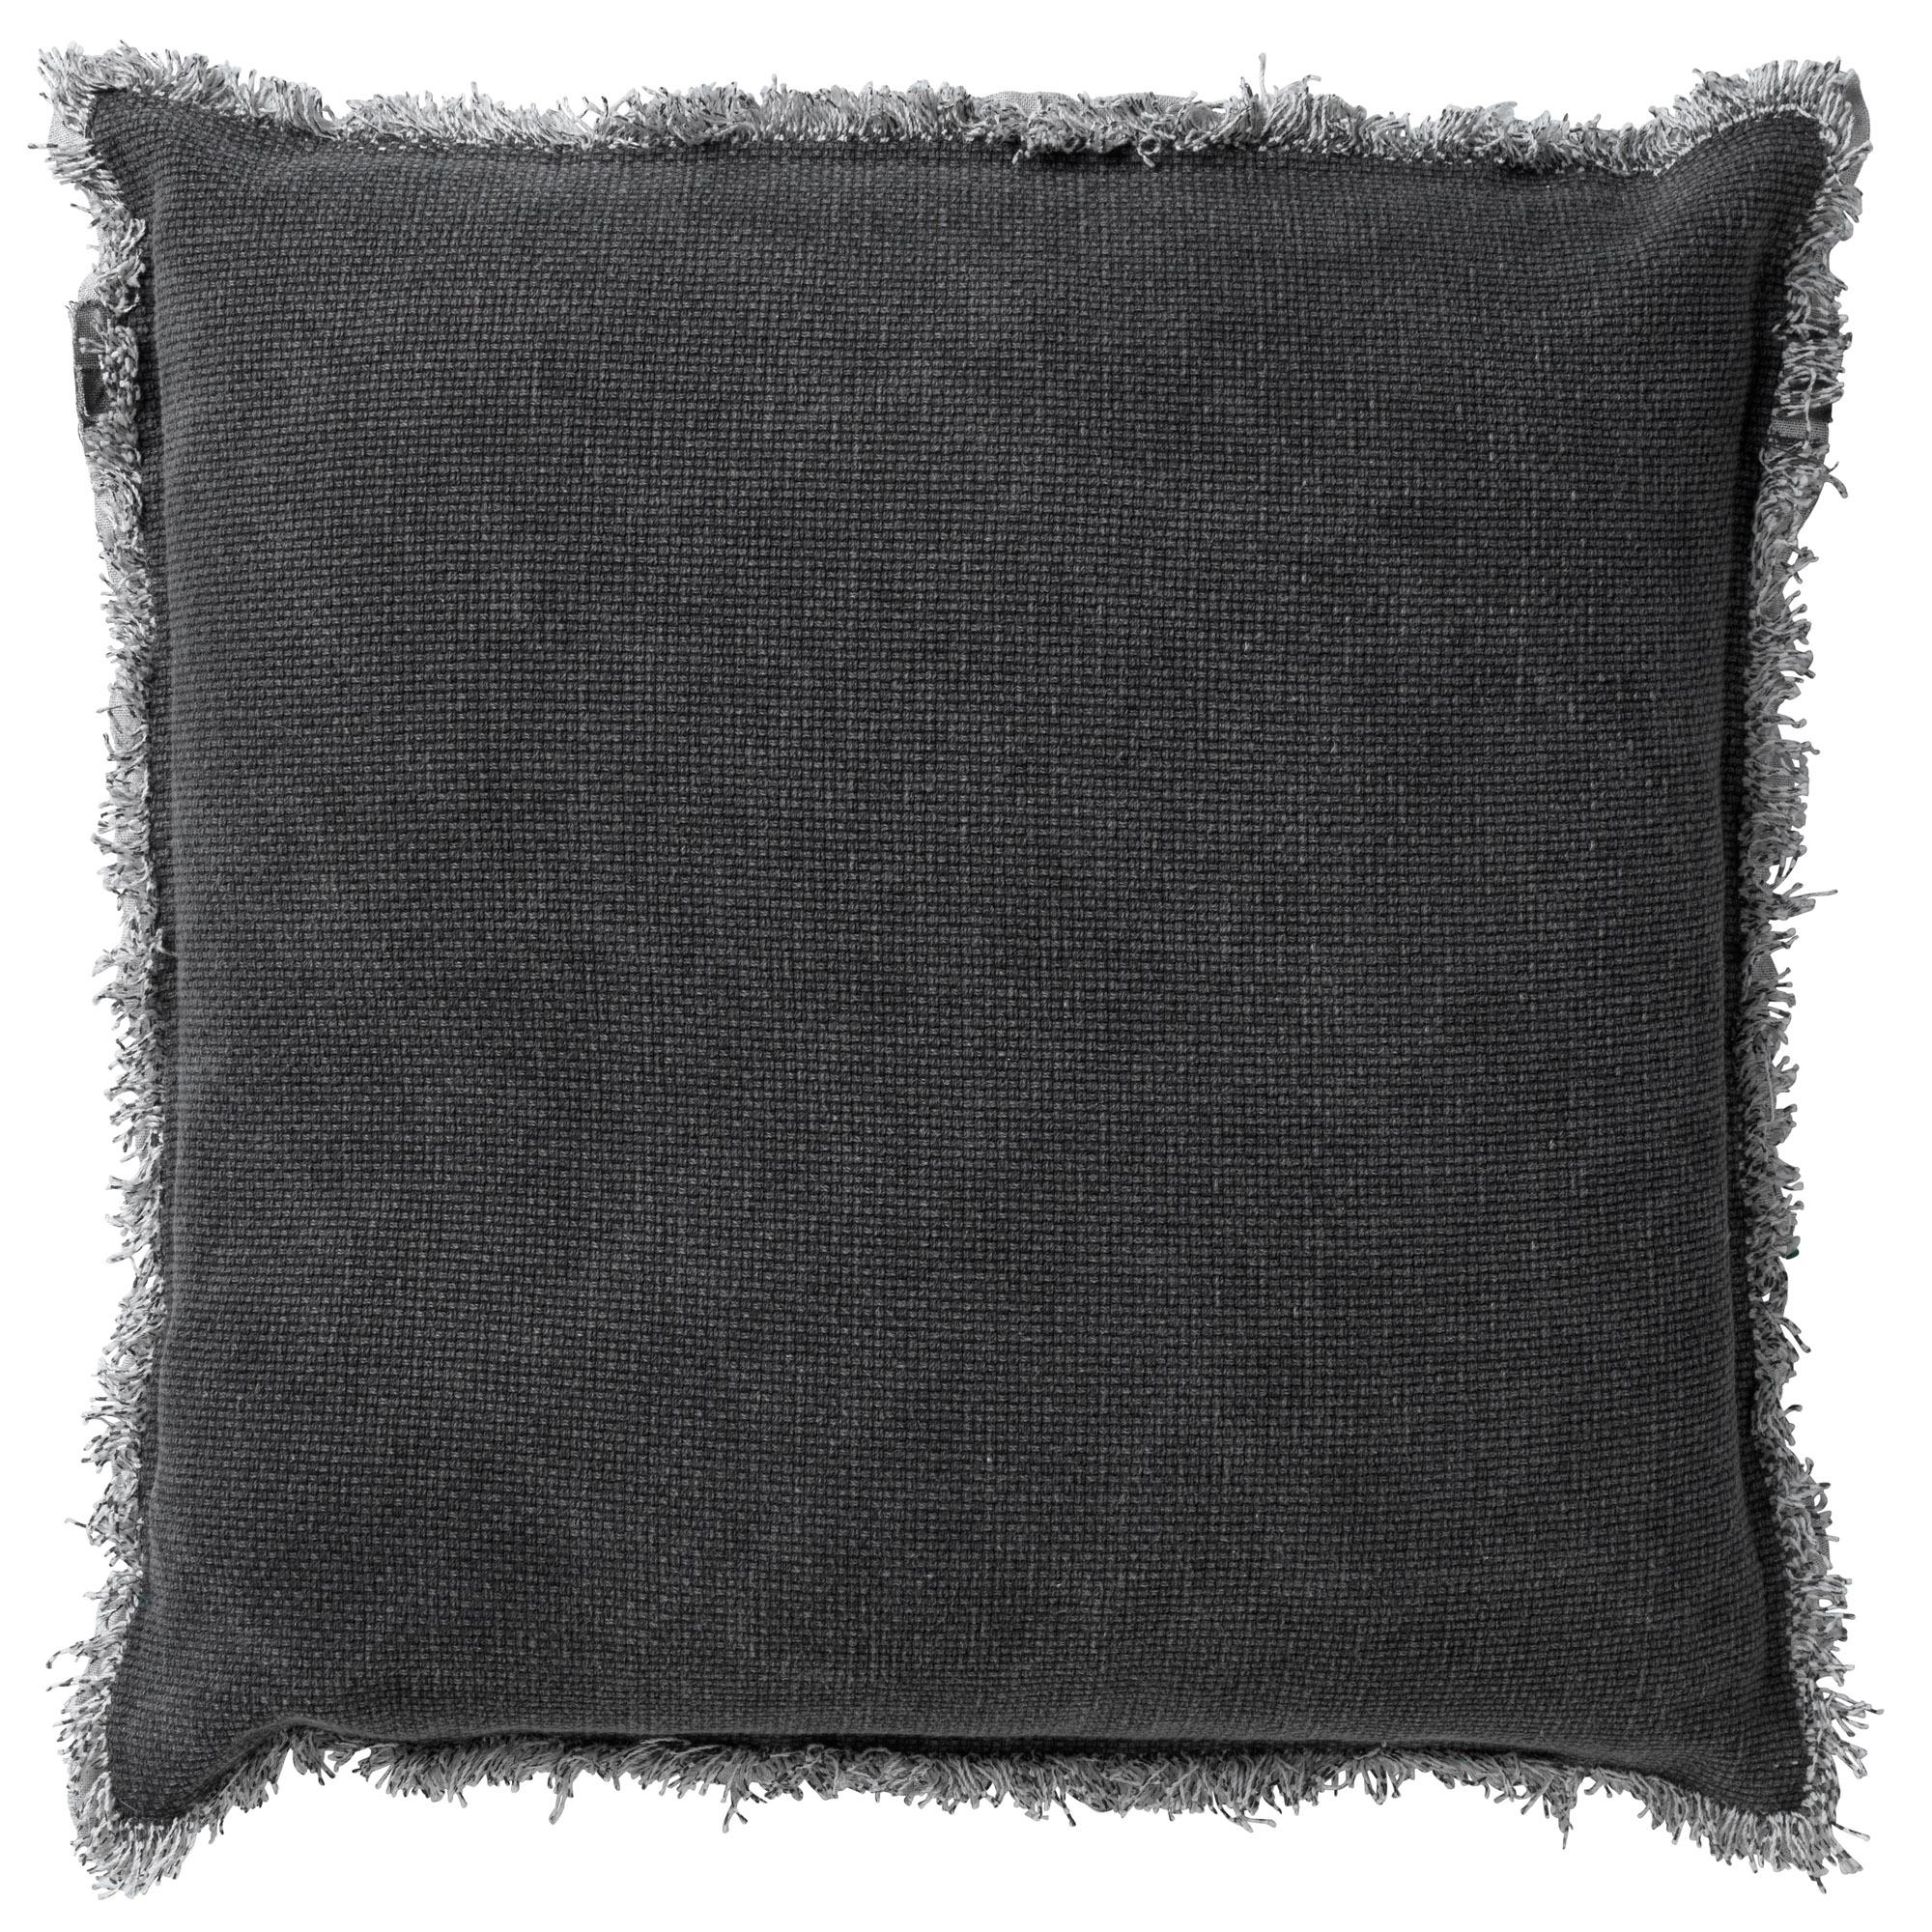 BURTO - Sierkussen van katoen Charcoal Grey 45x45 cm